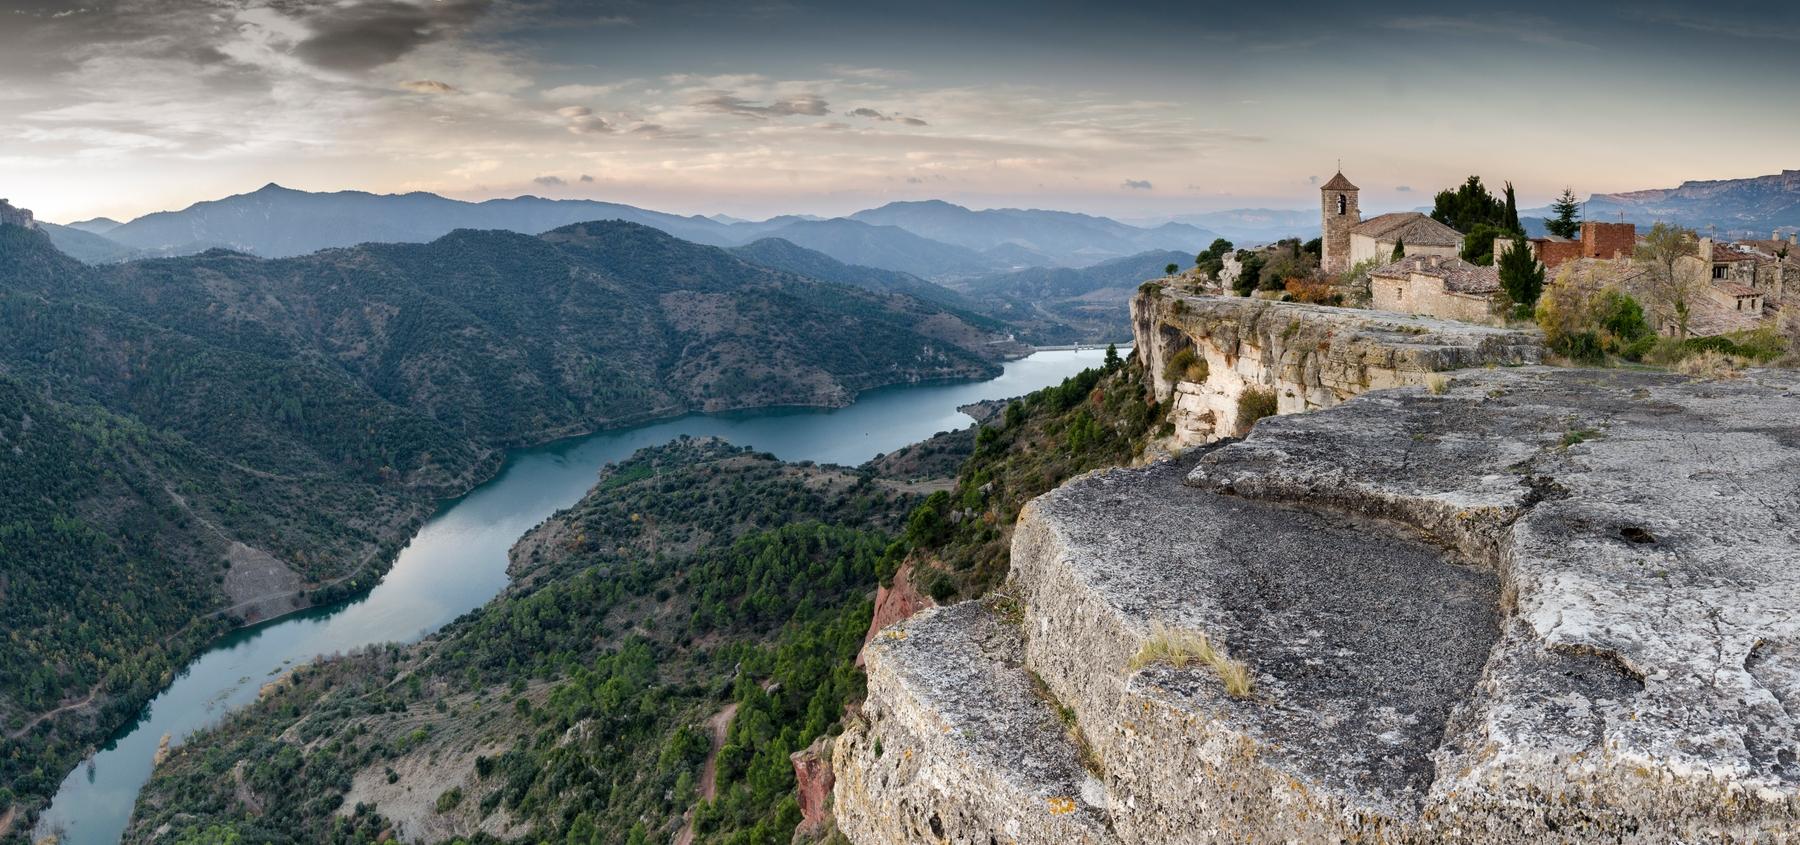 Los 20 rincones más bonitos de Cataluña: Siurana